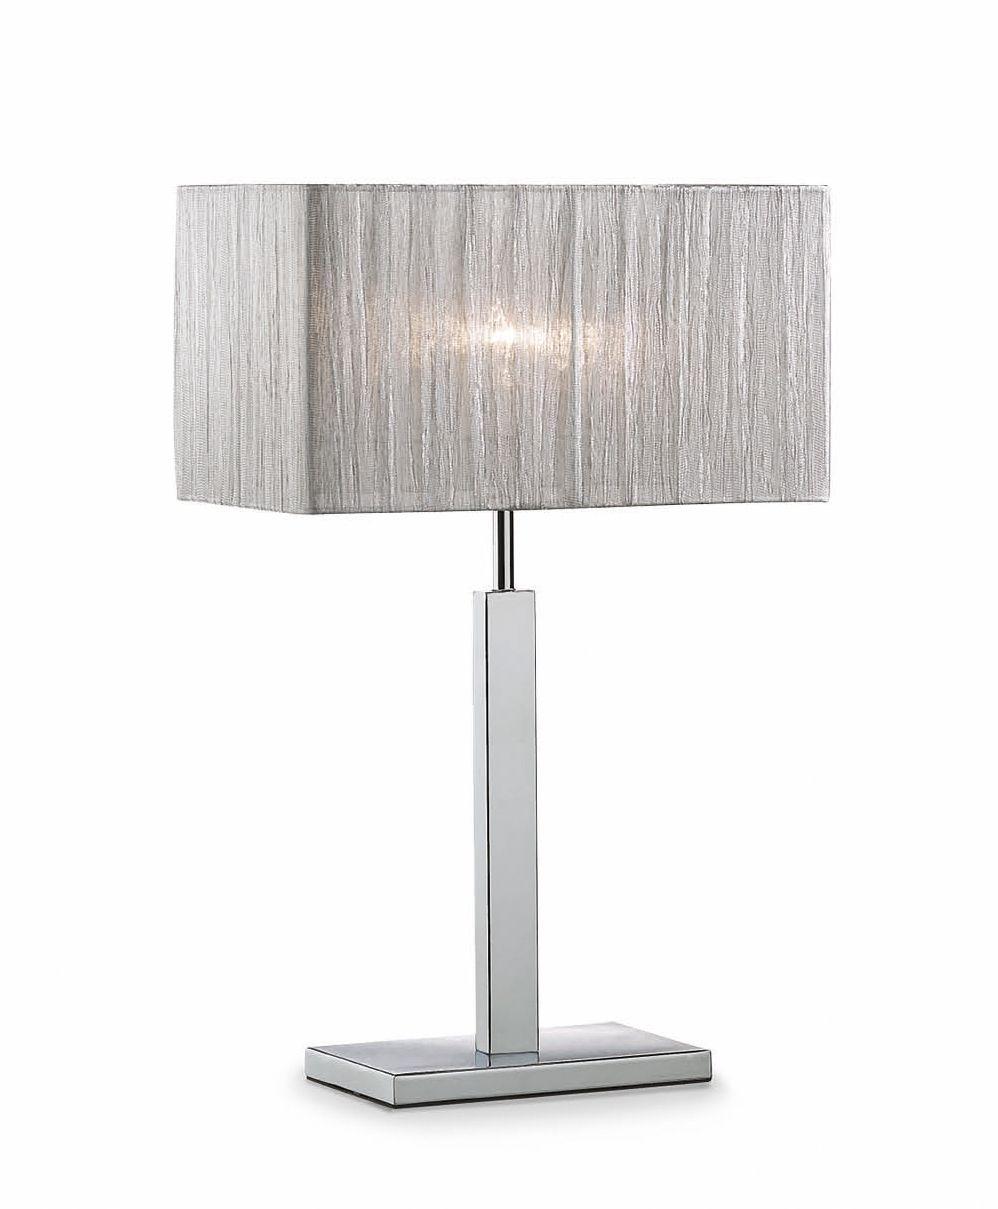 Ideal Lux Missouri Tl1 Big 035901 Table Lamp Lighting Big